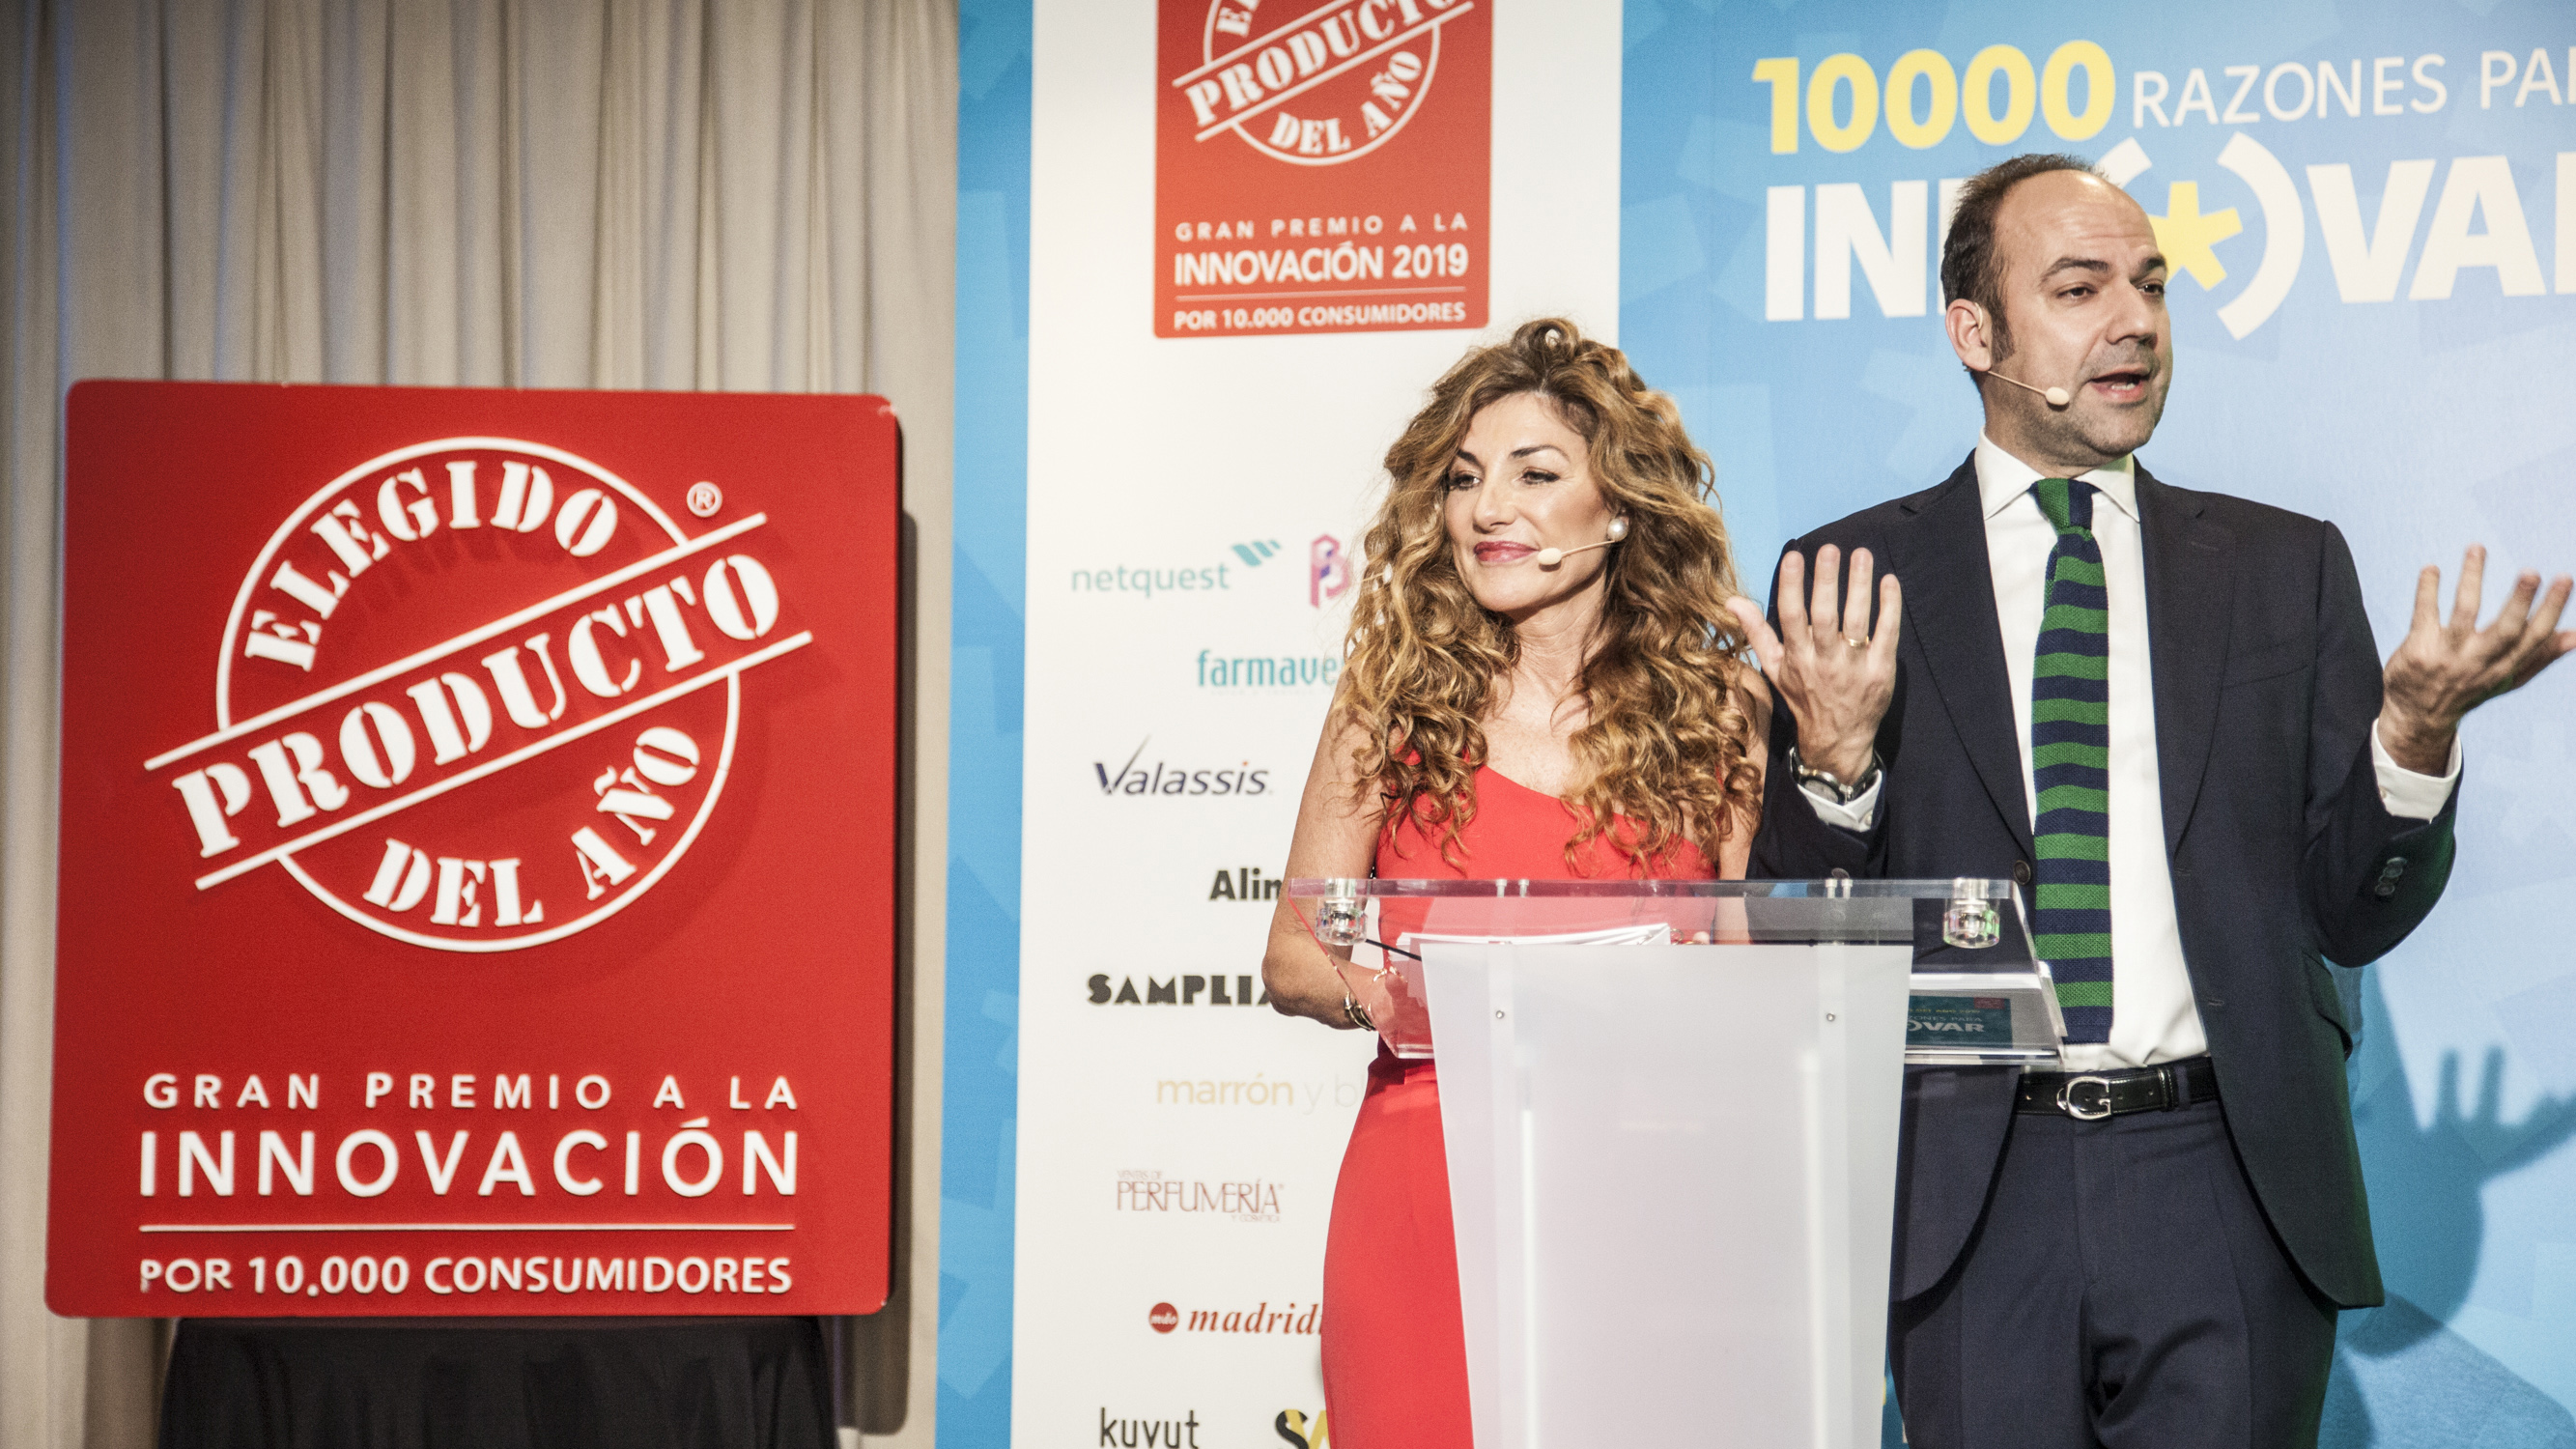 Galería De La Entrega De Galardones Elegido Producto Del Año 2019